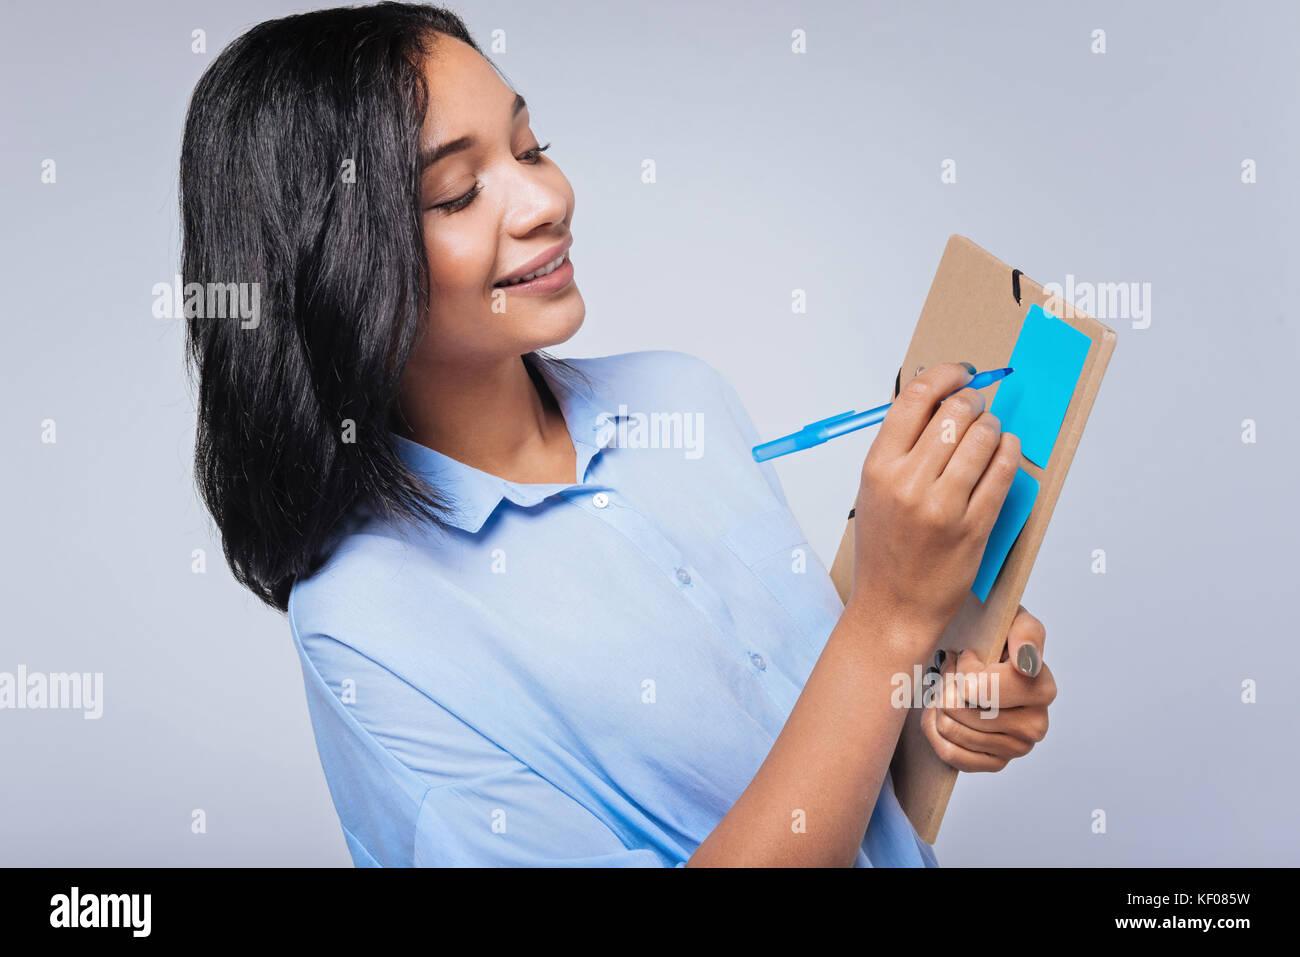 Piacevole dai capelli scuri scrittura donna su un foglietto adesivo Immagini Stock